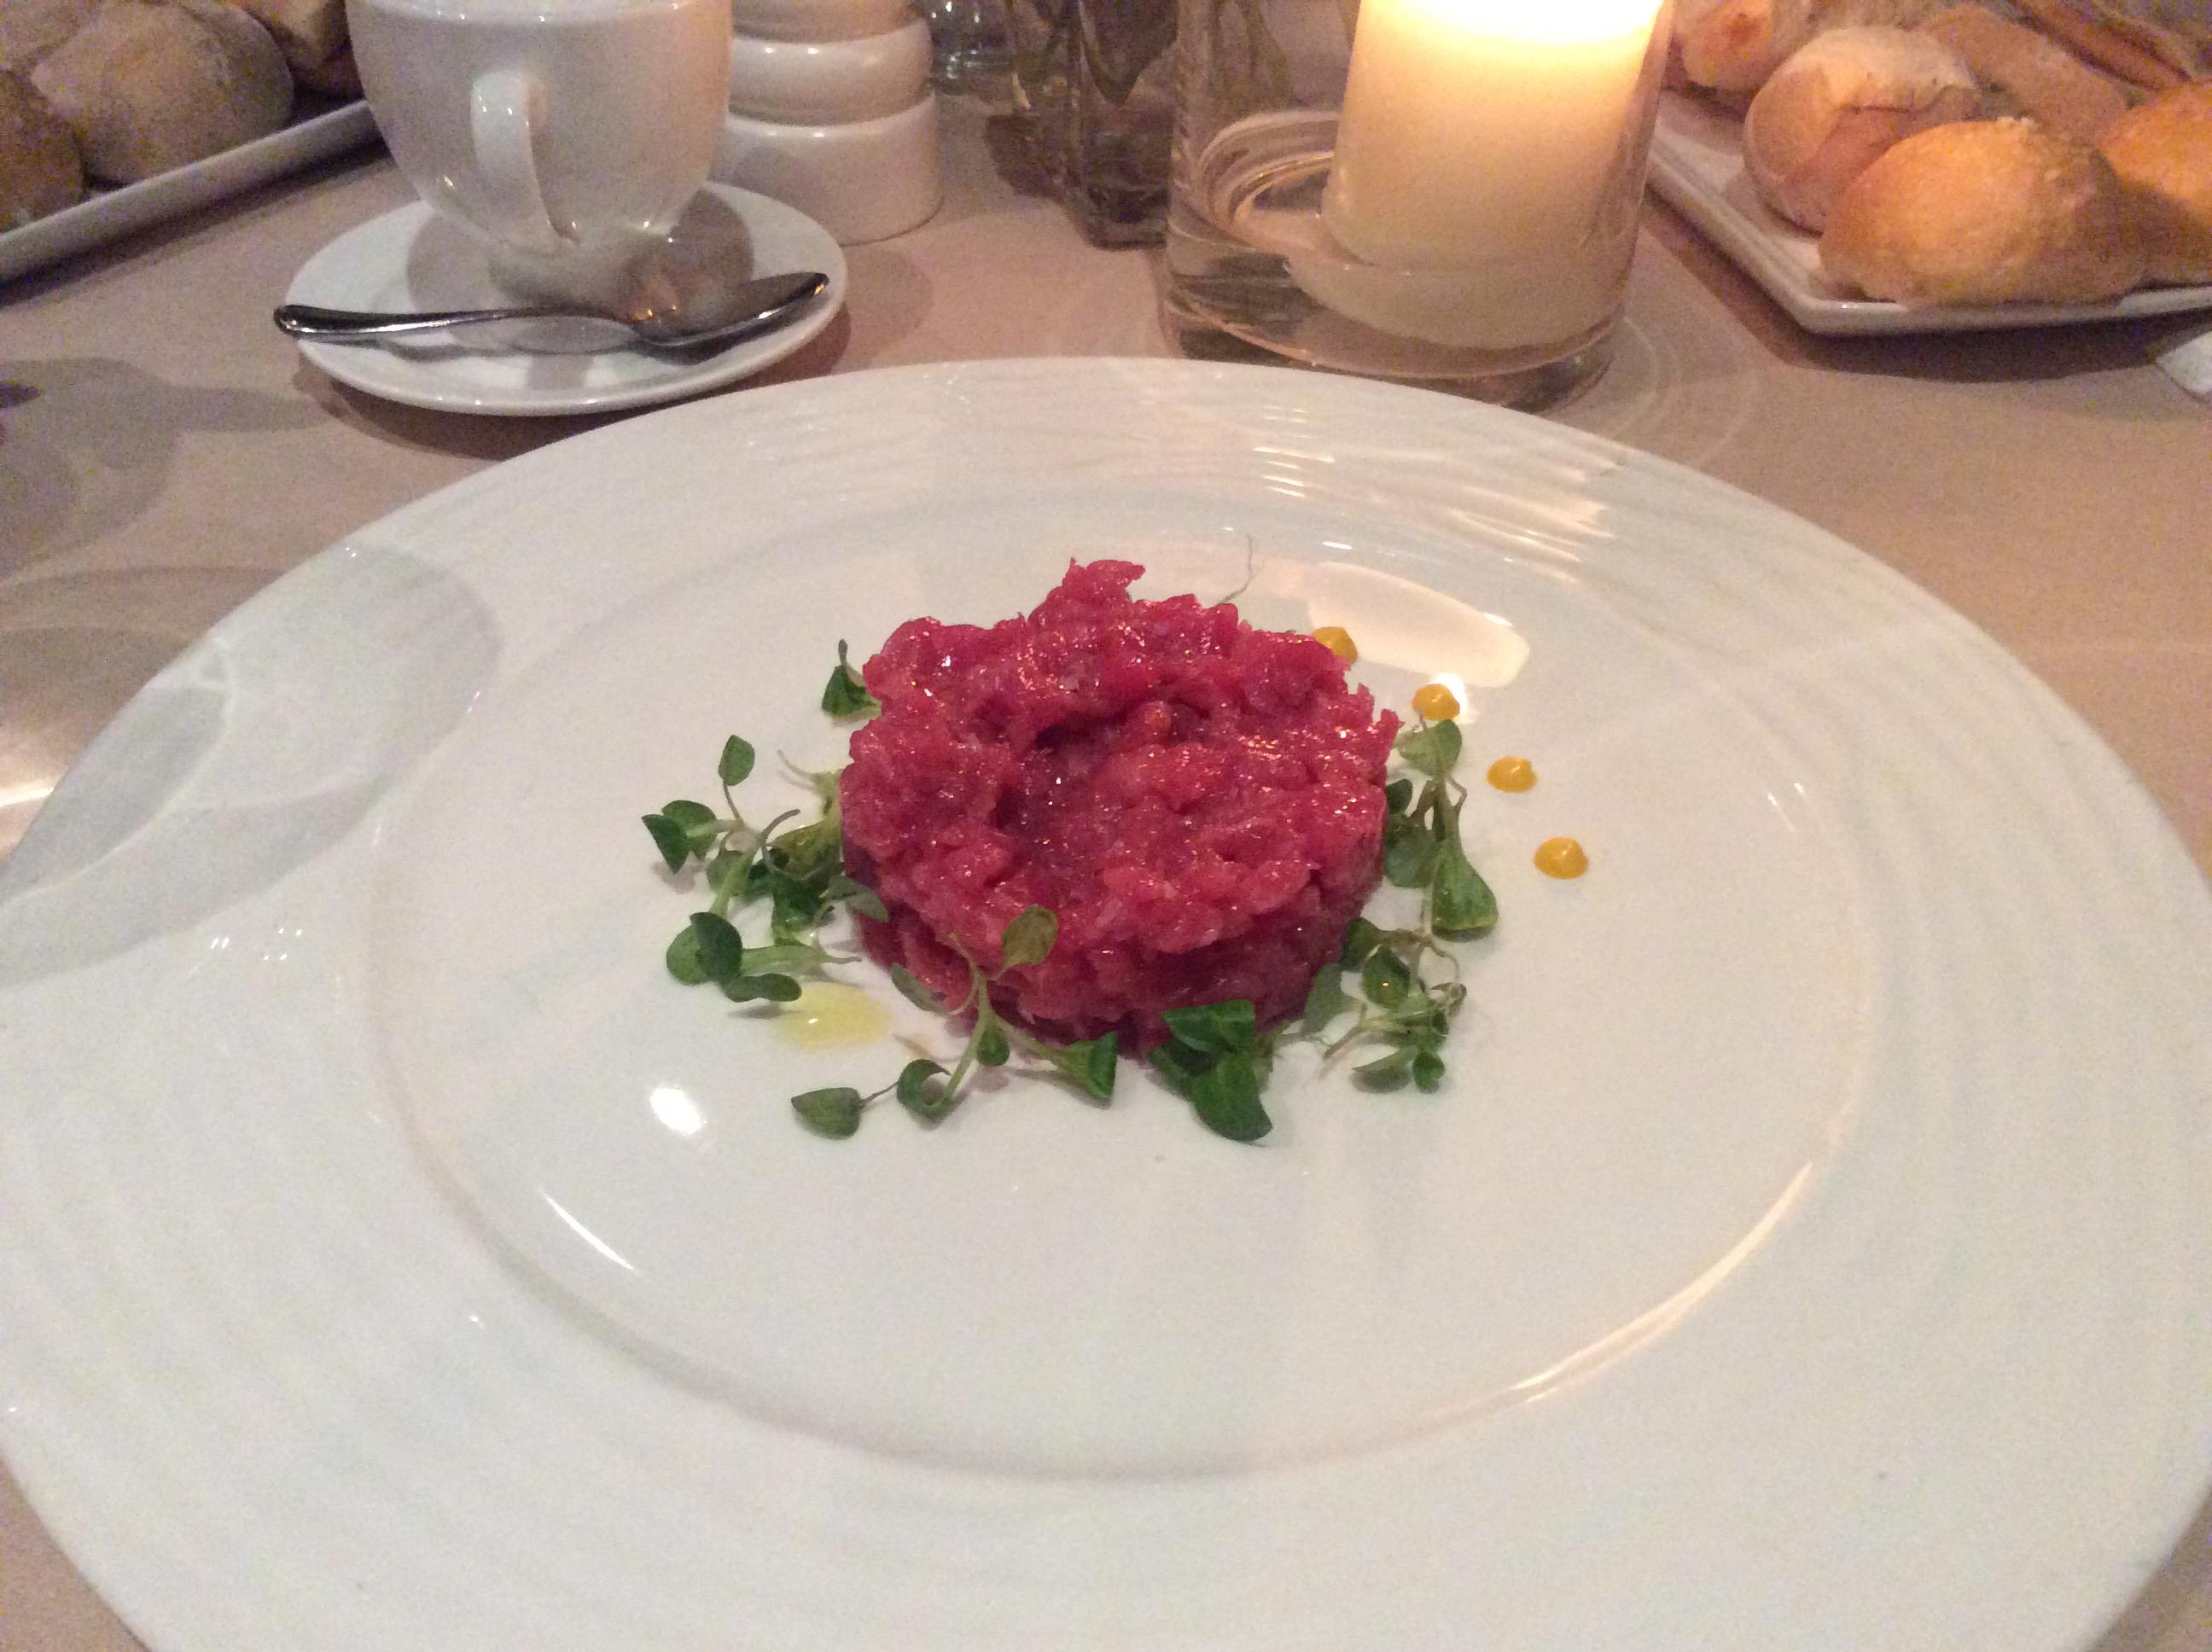 http://gourmet-italian.com/378.JPG